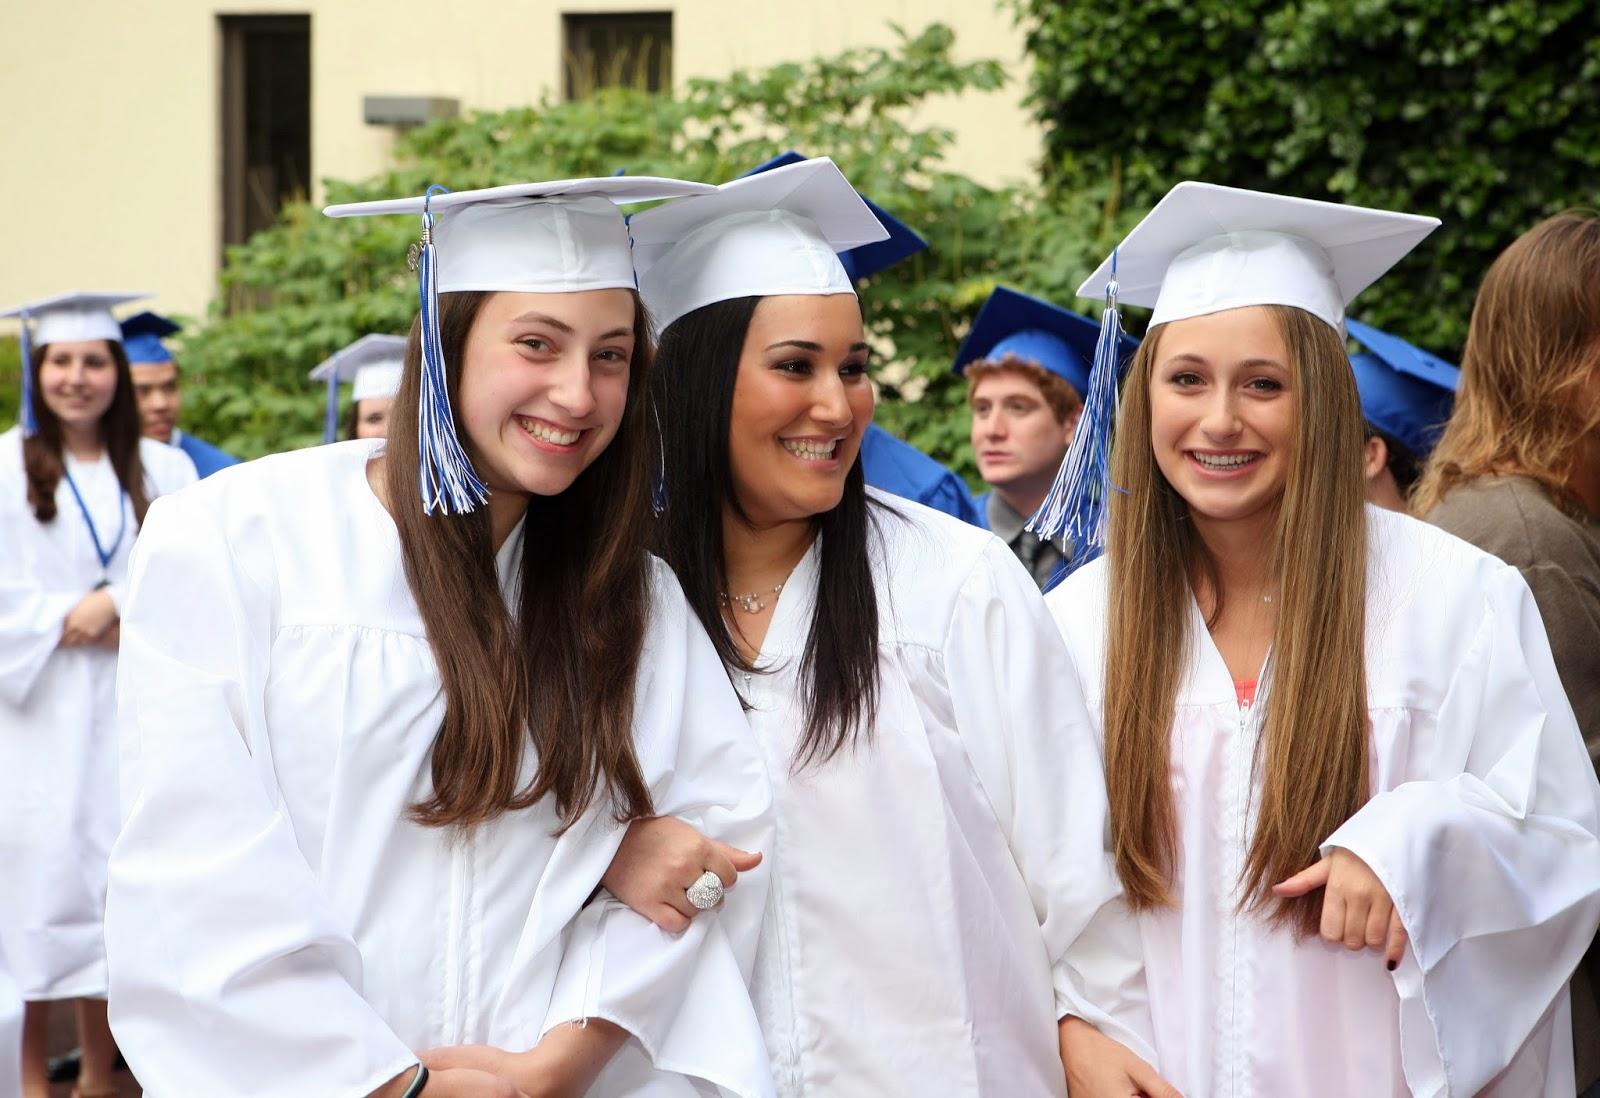 Park Ha Suns Charming College Graduation Pictures